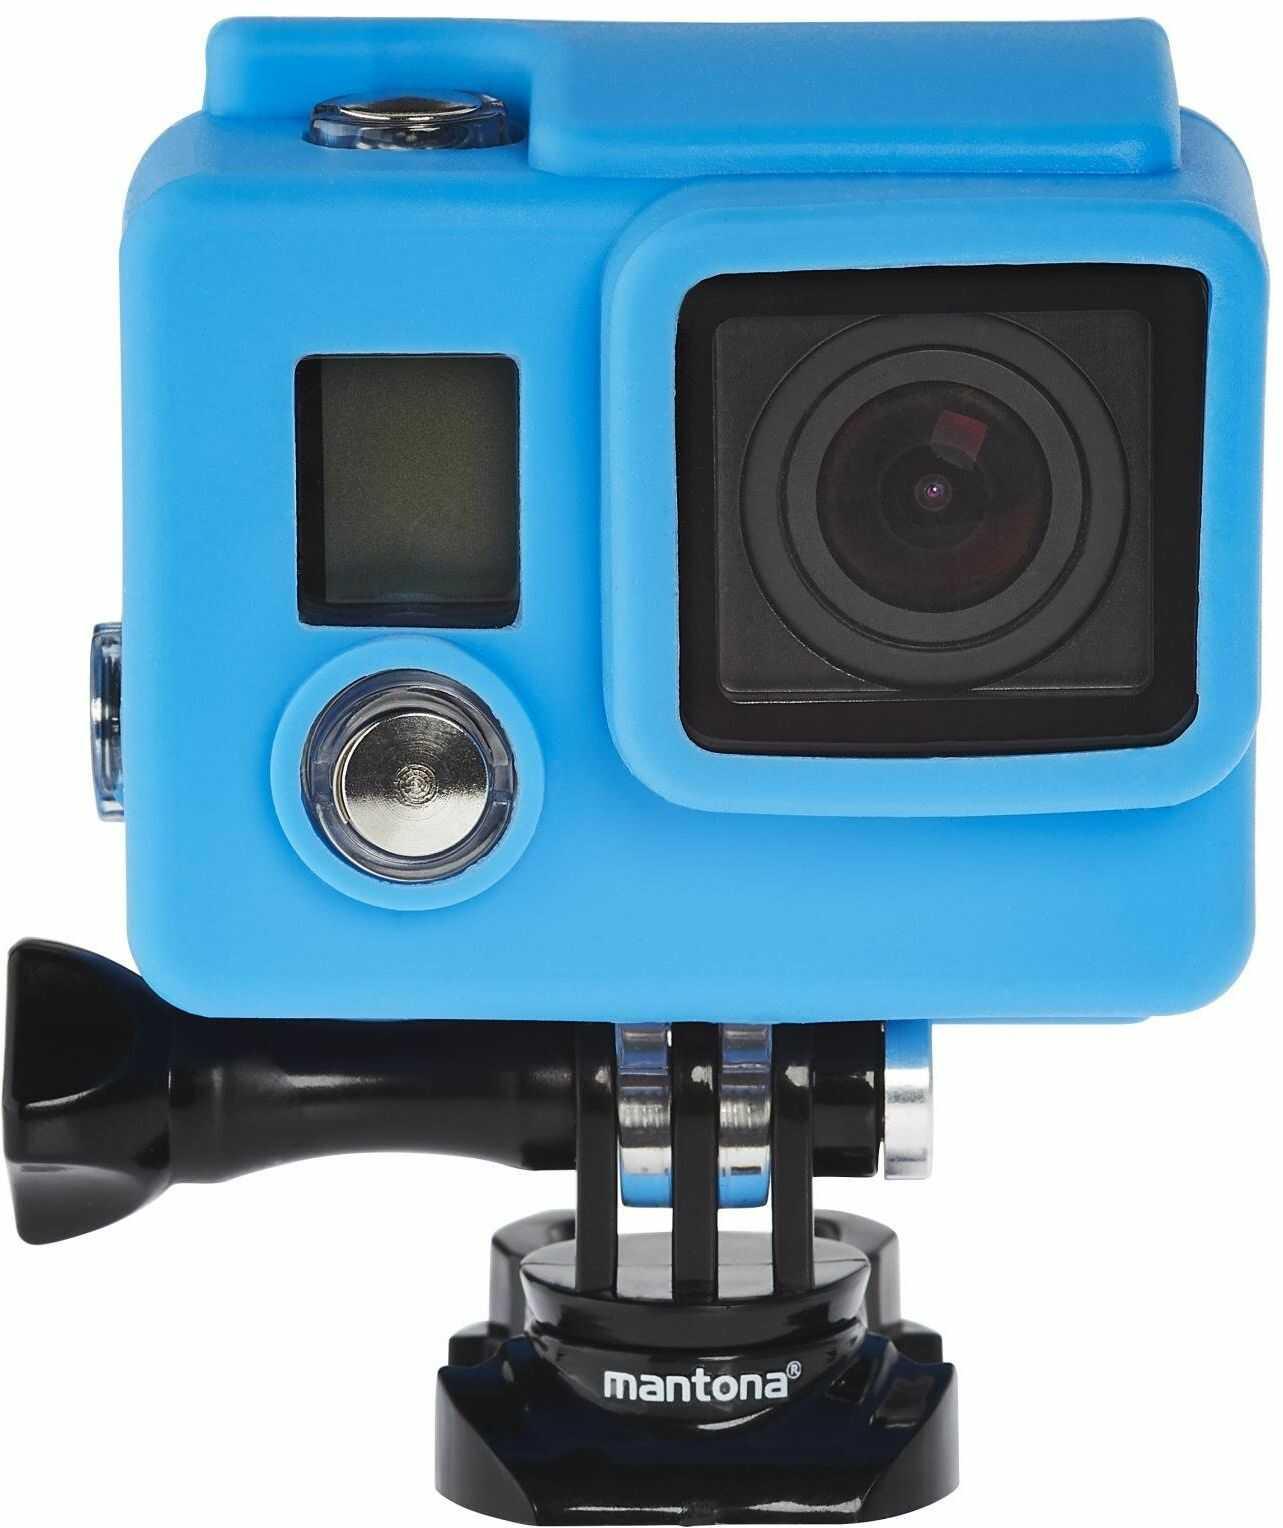 Mantona zestaw silikonowych rękawów ochronnych do GoPro Hero 4/3 + - czarny/niebieski